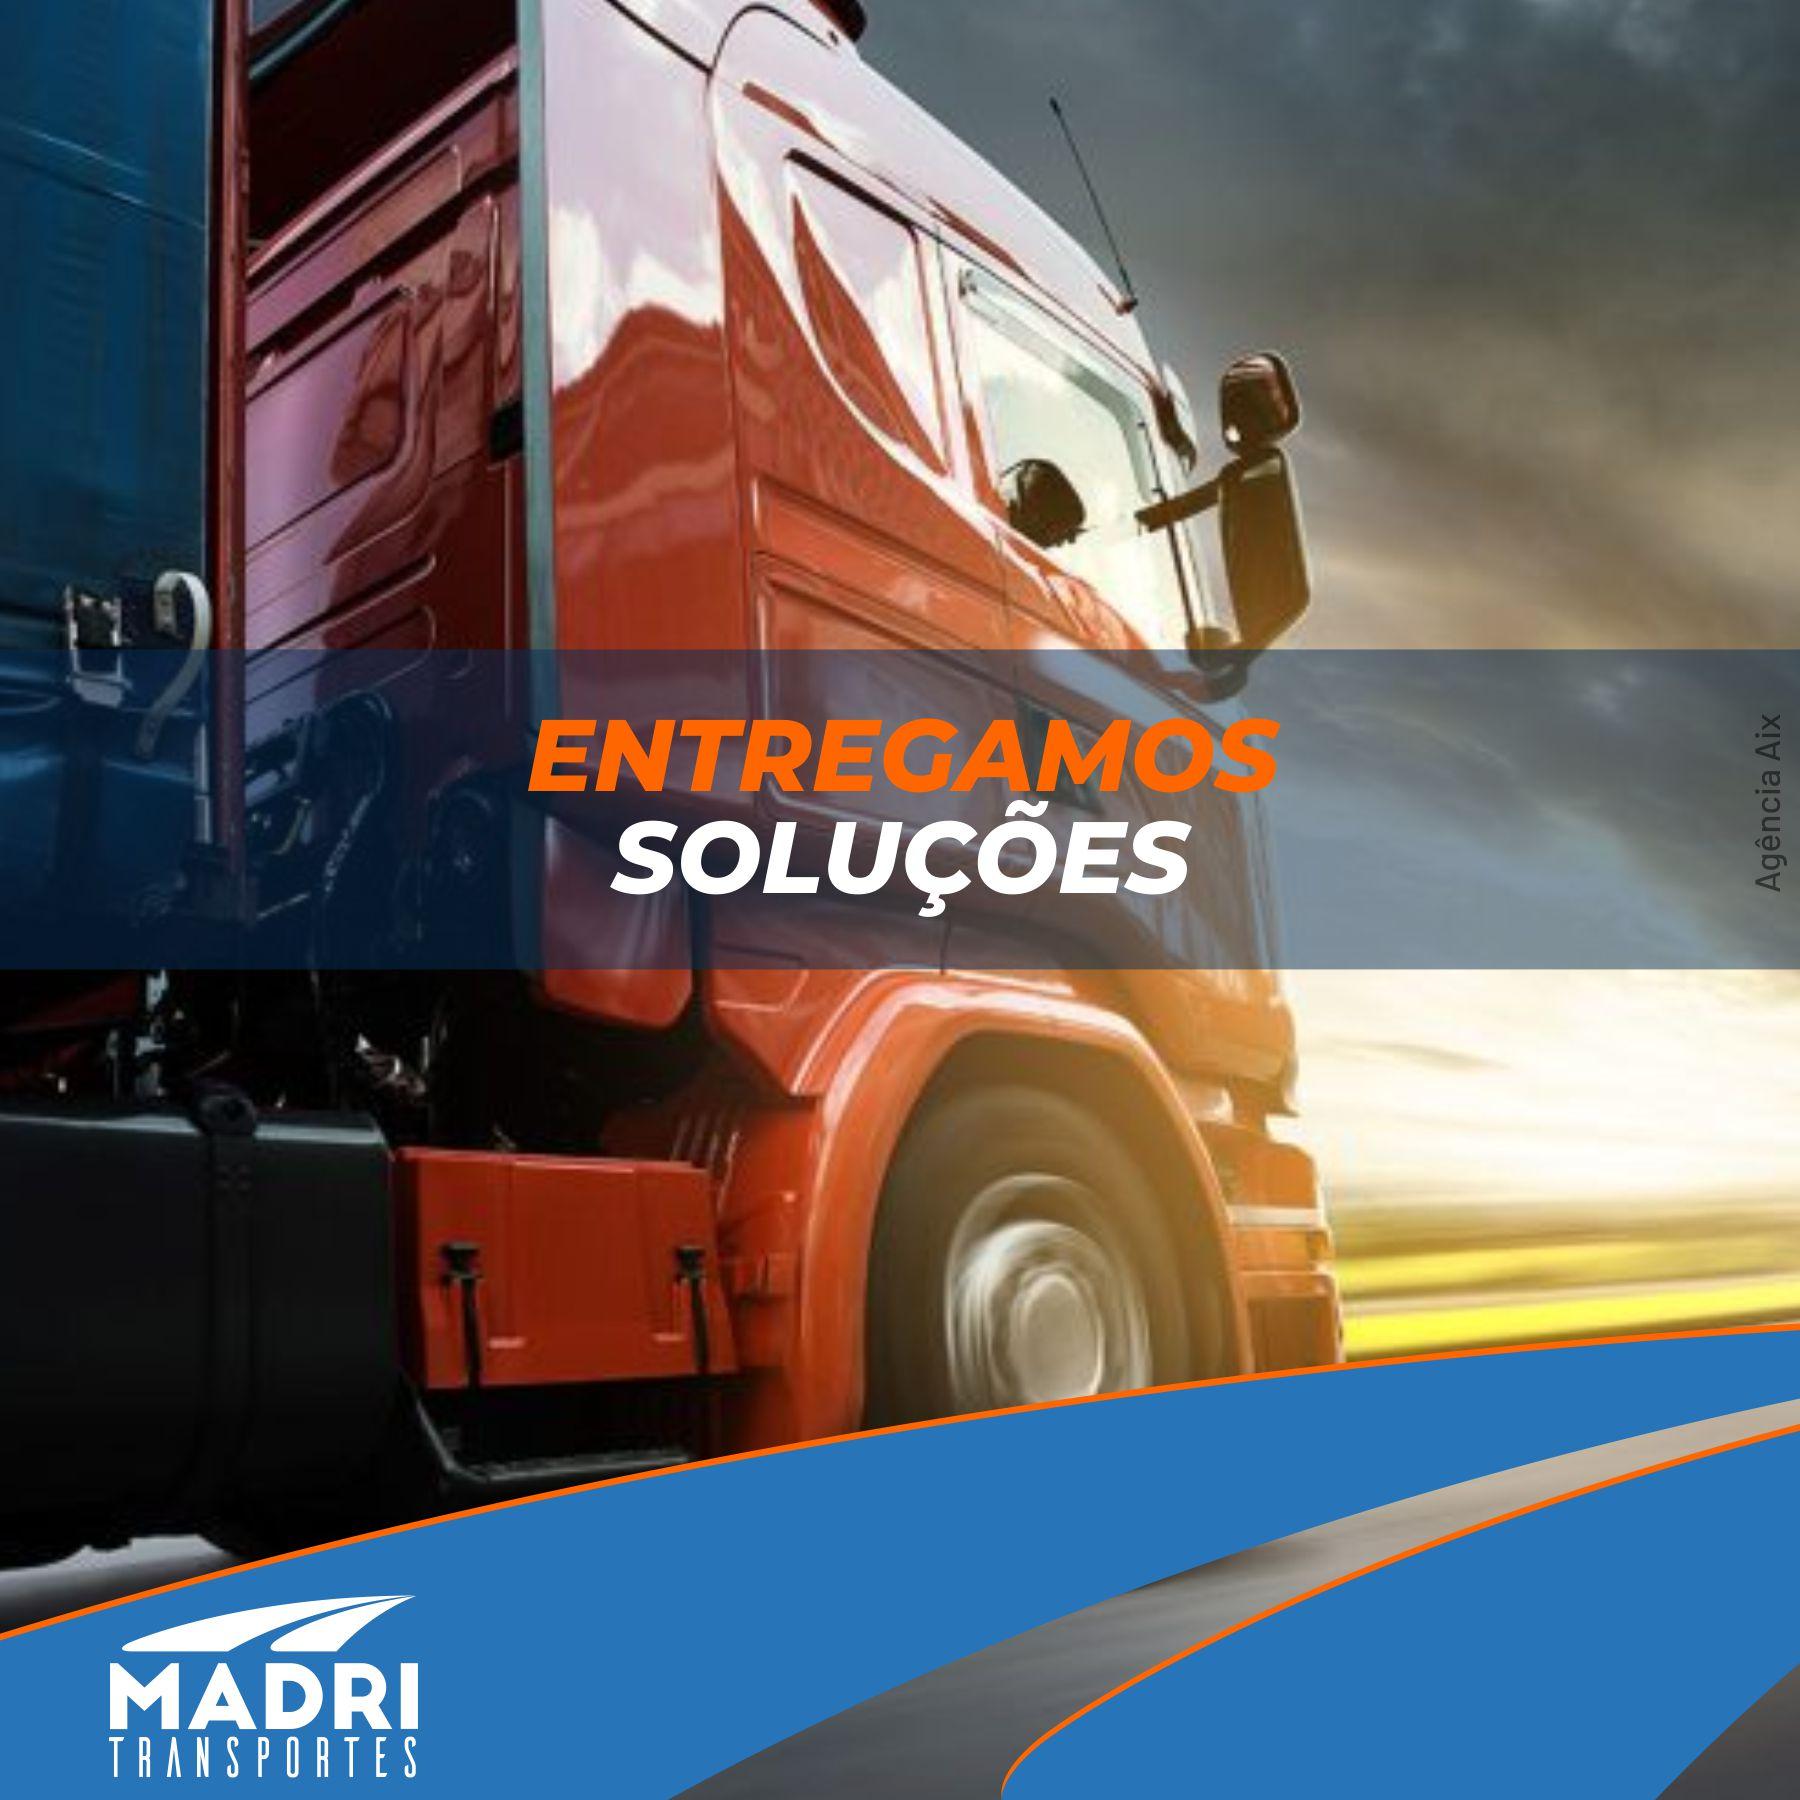 Madri Transportes